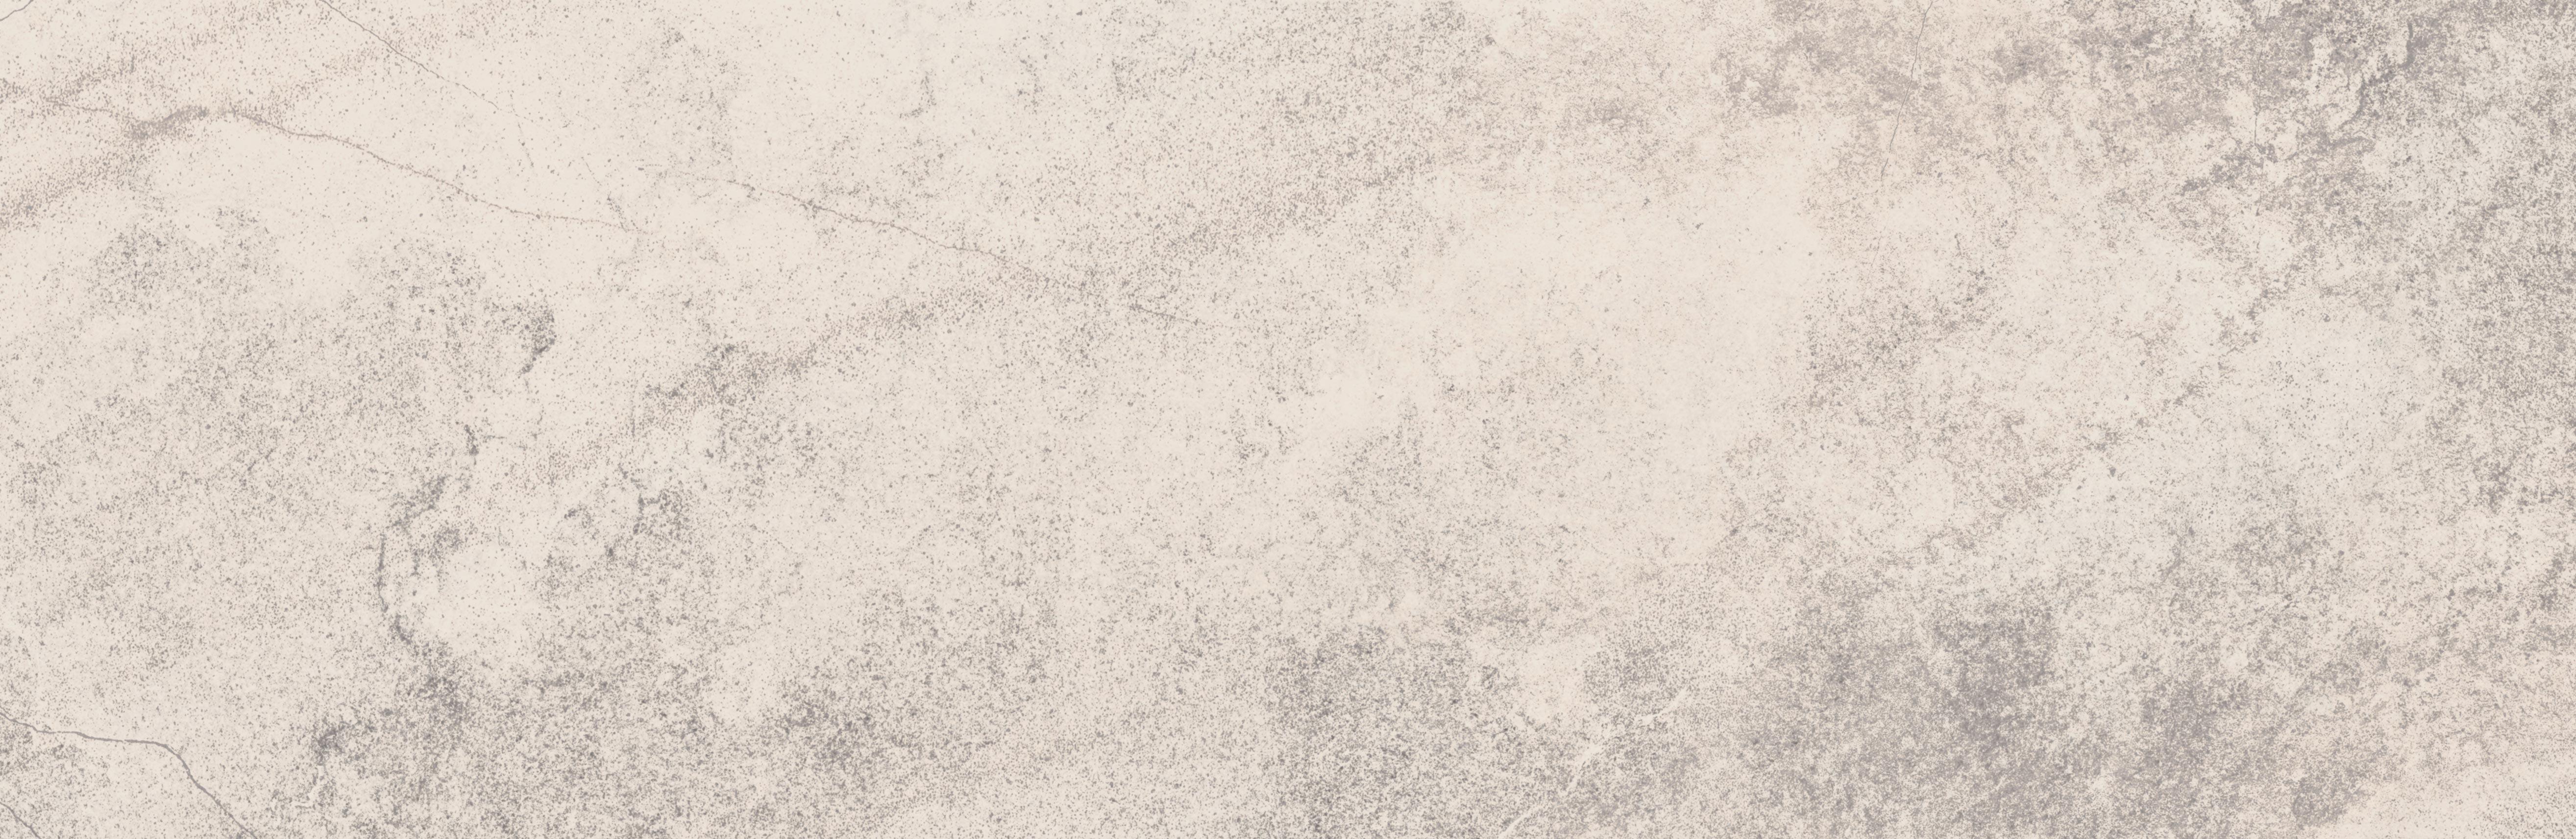 Купить Керамическая плитка Mei Willow Sky светло-серый (O-WIL-WTA521) настенная 29x89, Россия